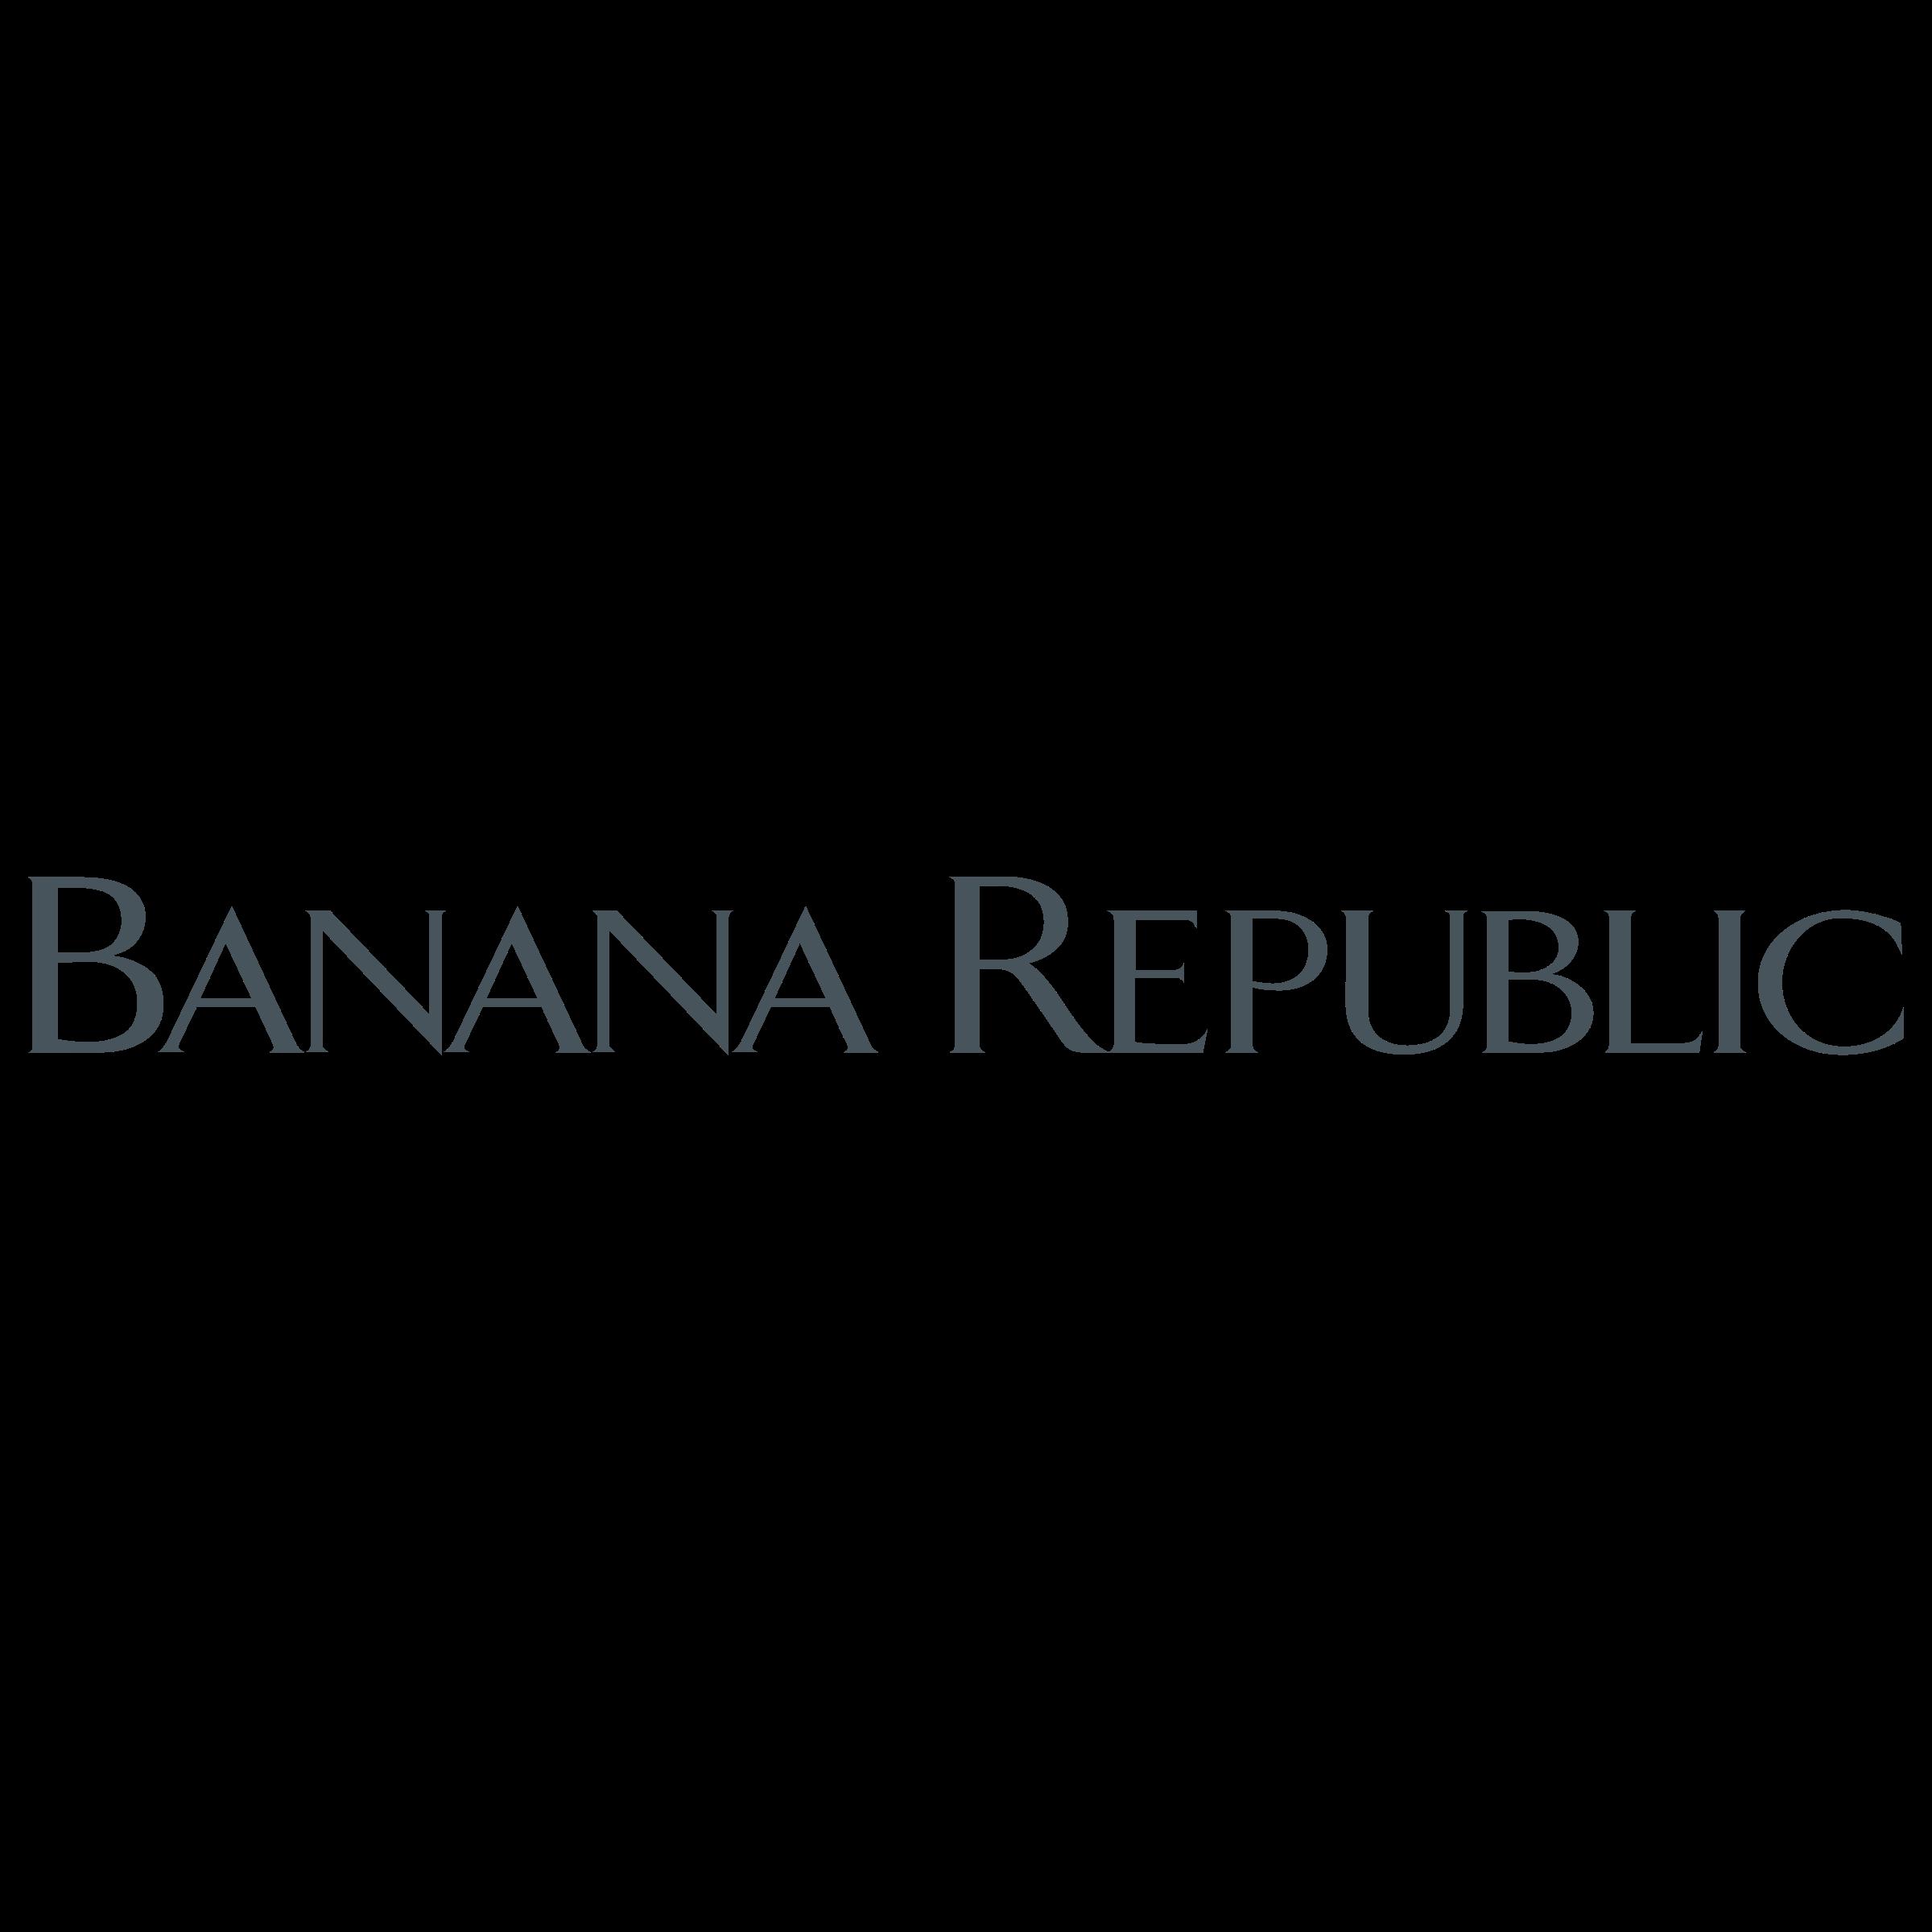 Banana Republic Logo PNG Transparent & SVG Vector.